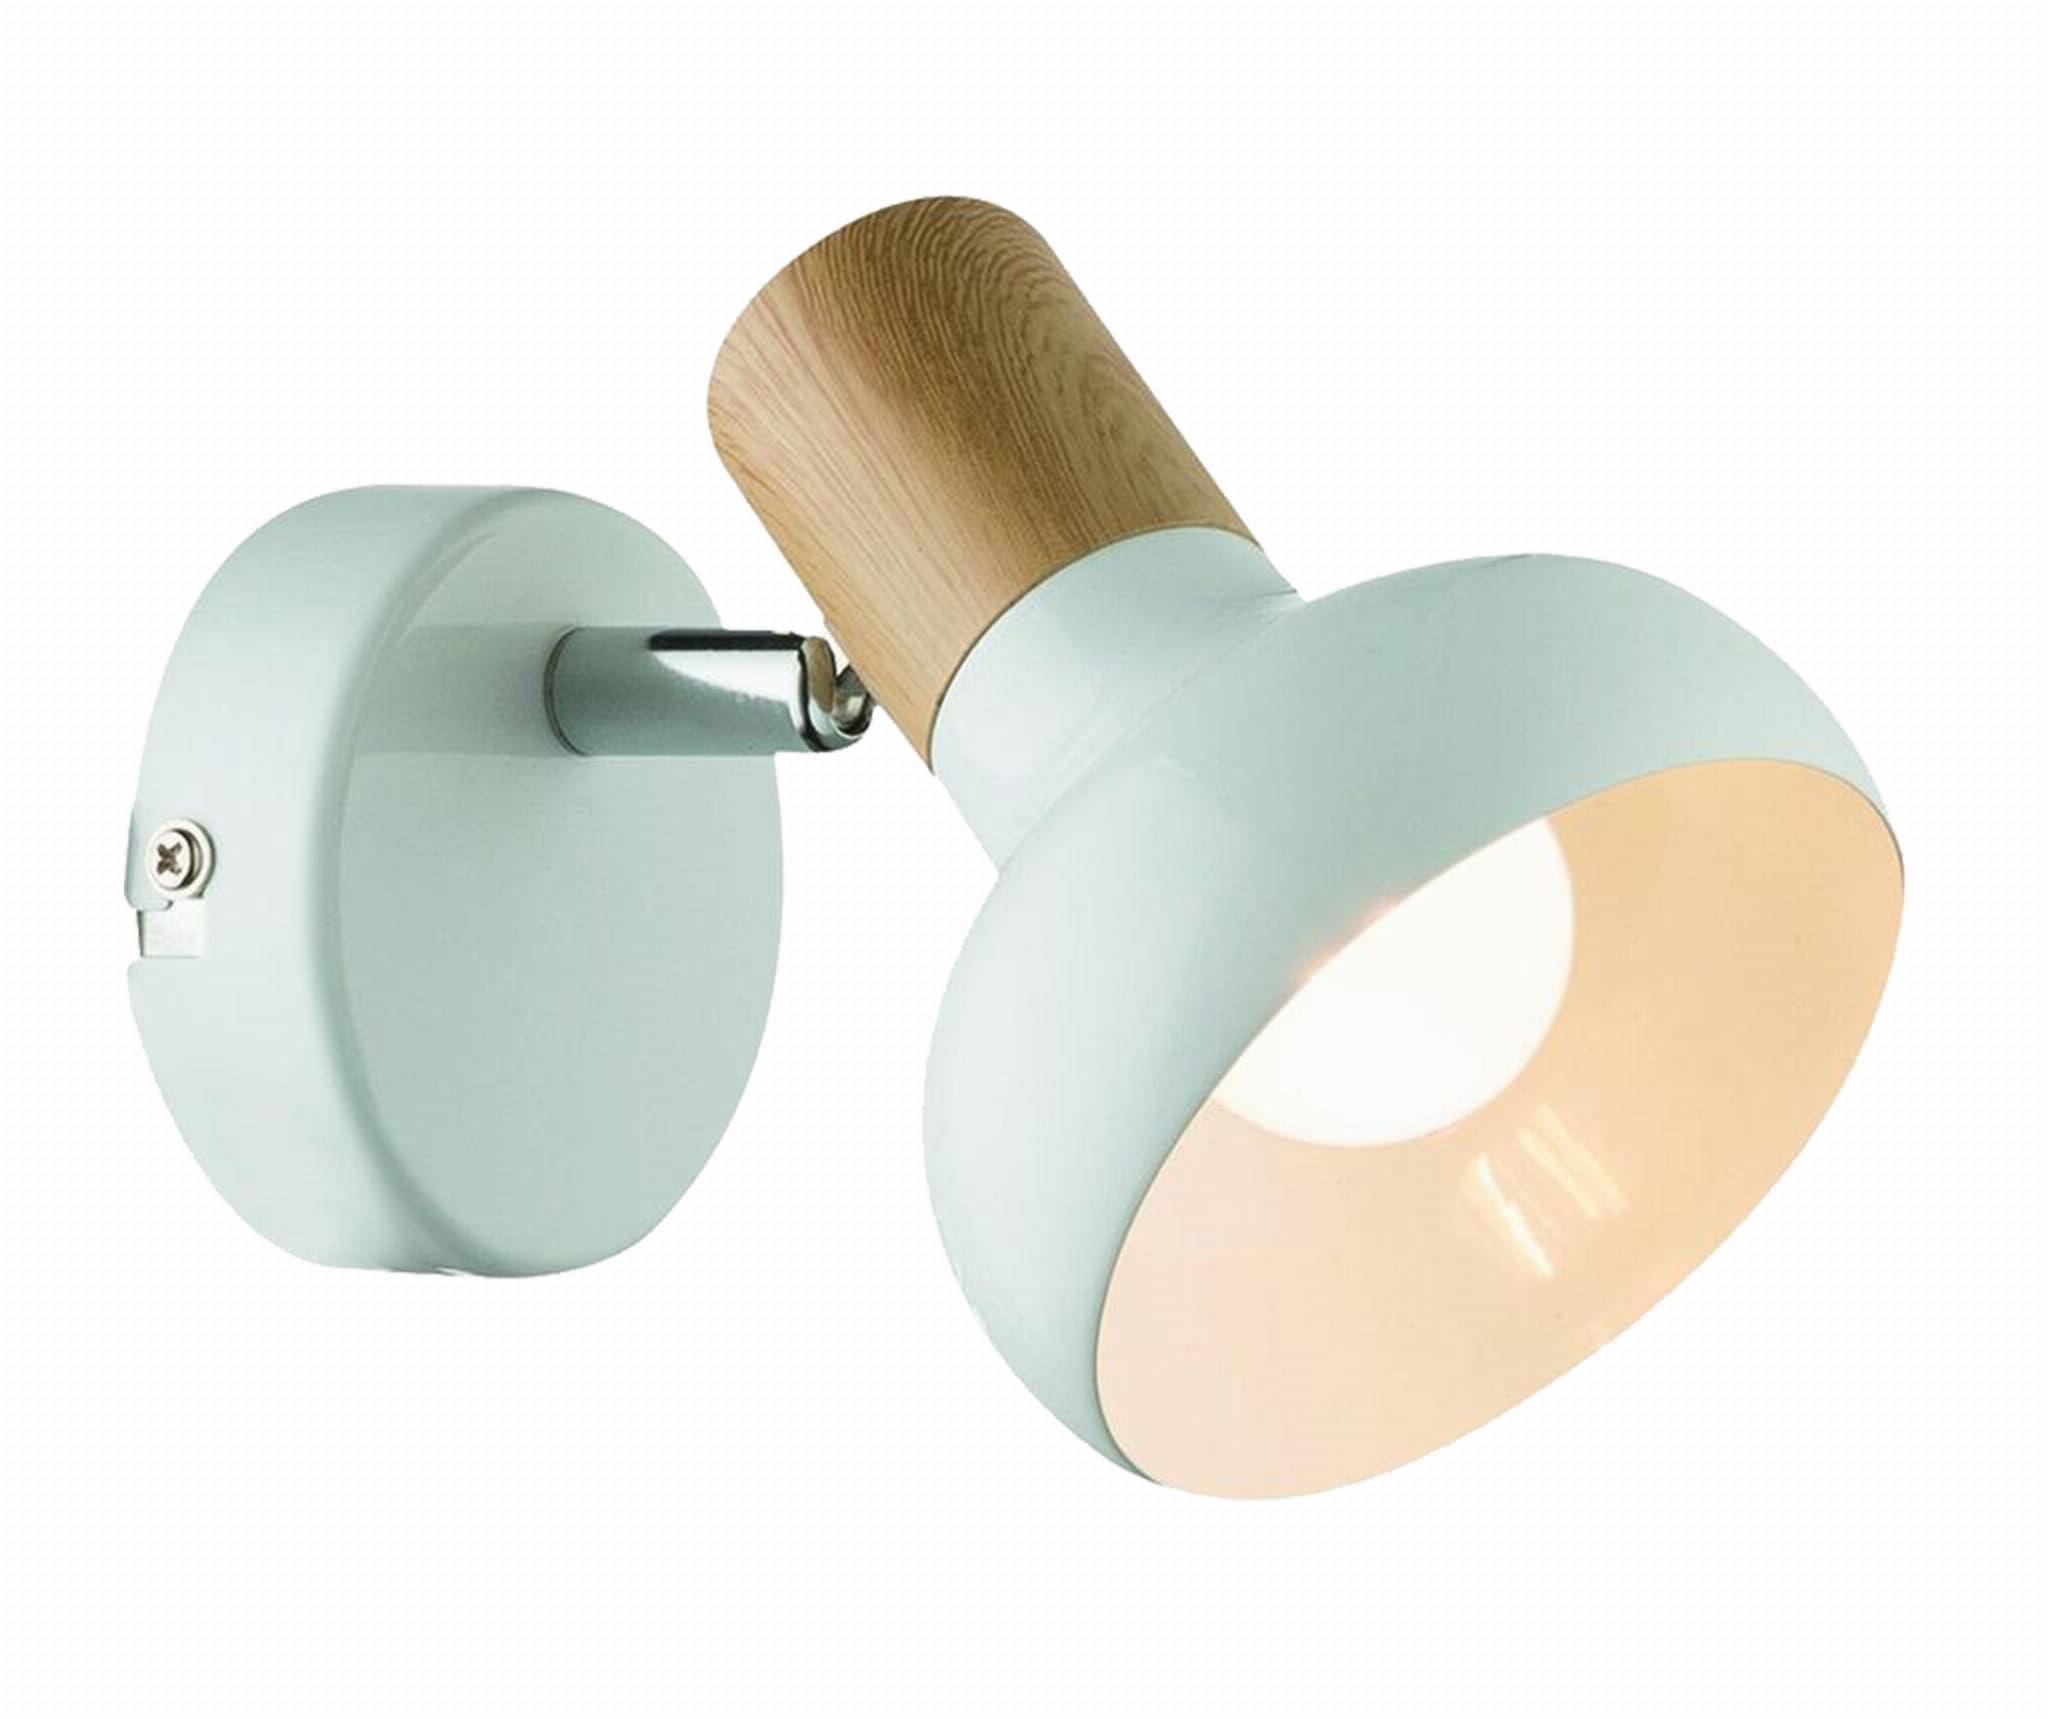 Light Prestige Arezzo LP-1420/1W WH kinkiet lampa ścienna biały metal drewno 1x40W E14 10cm